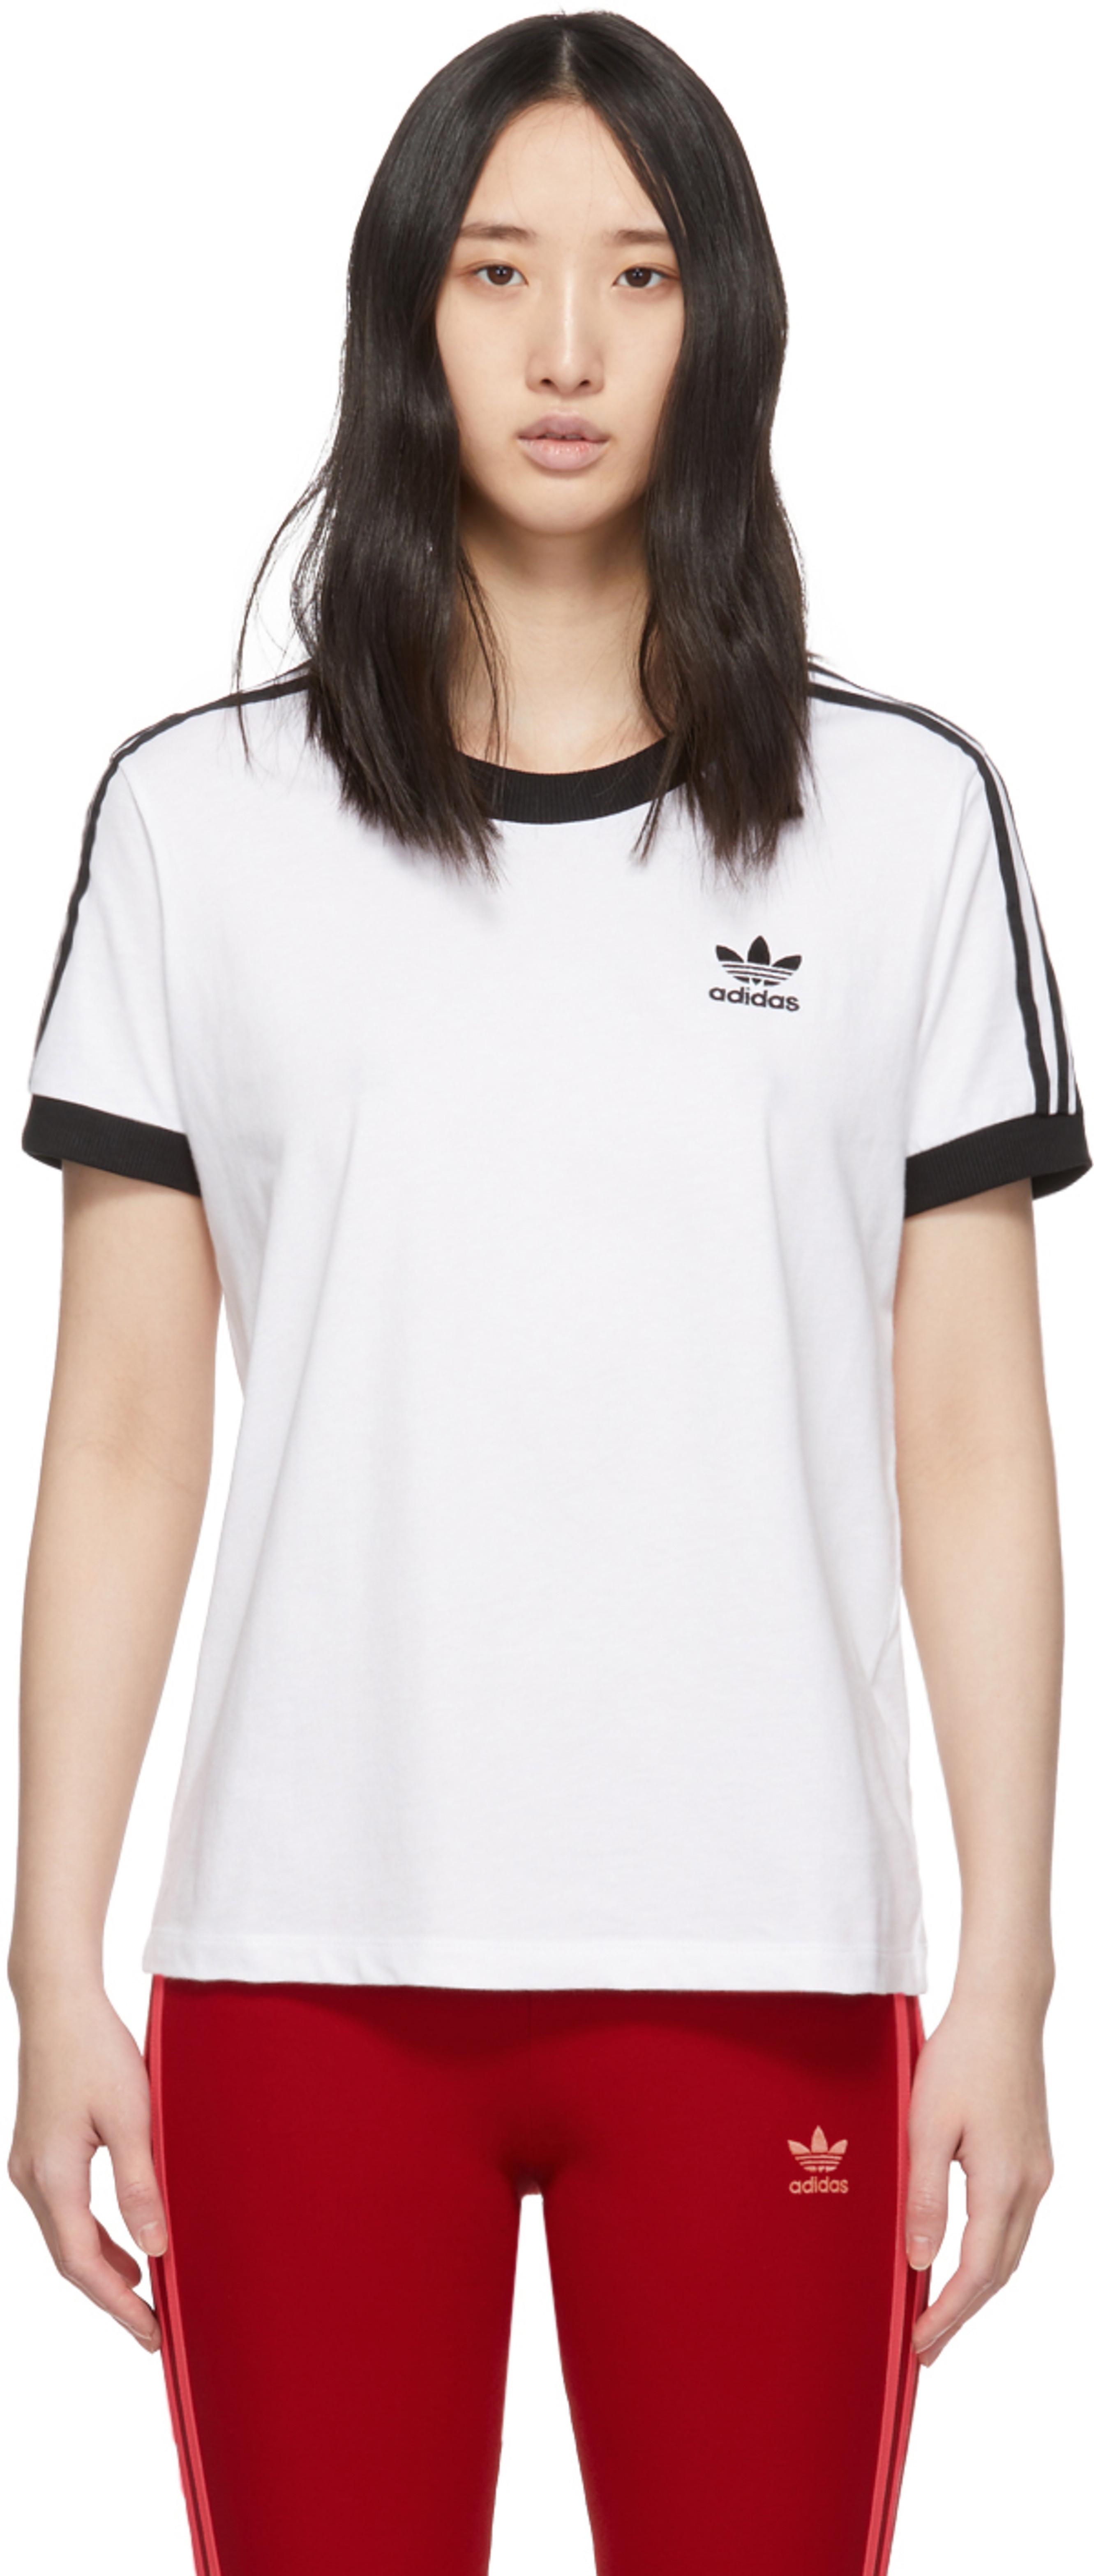 57008629e4 White 3-Stripes T-Shirt